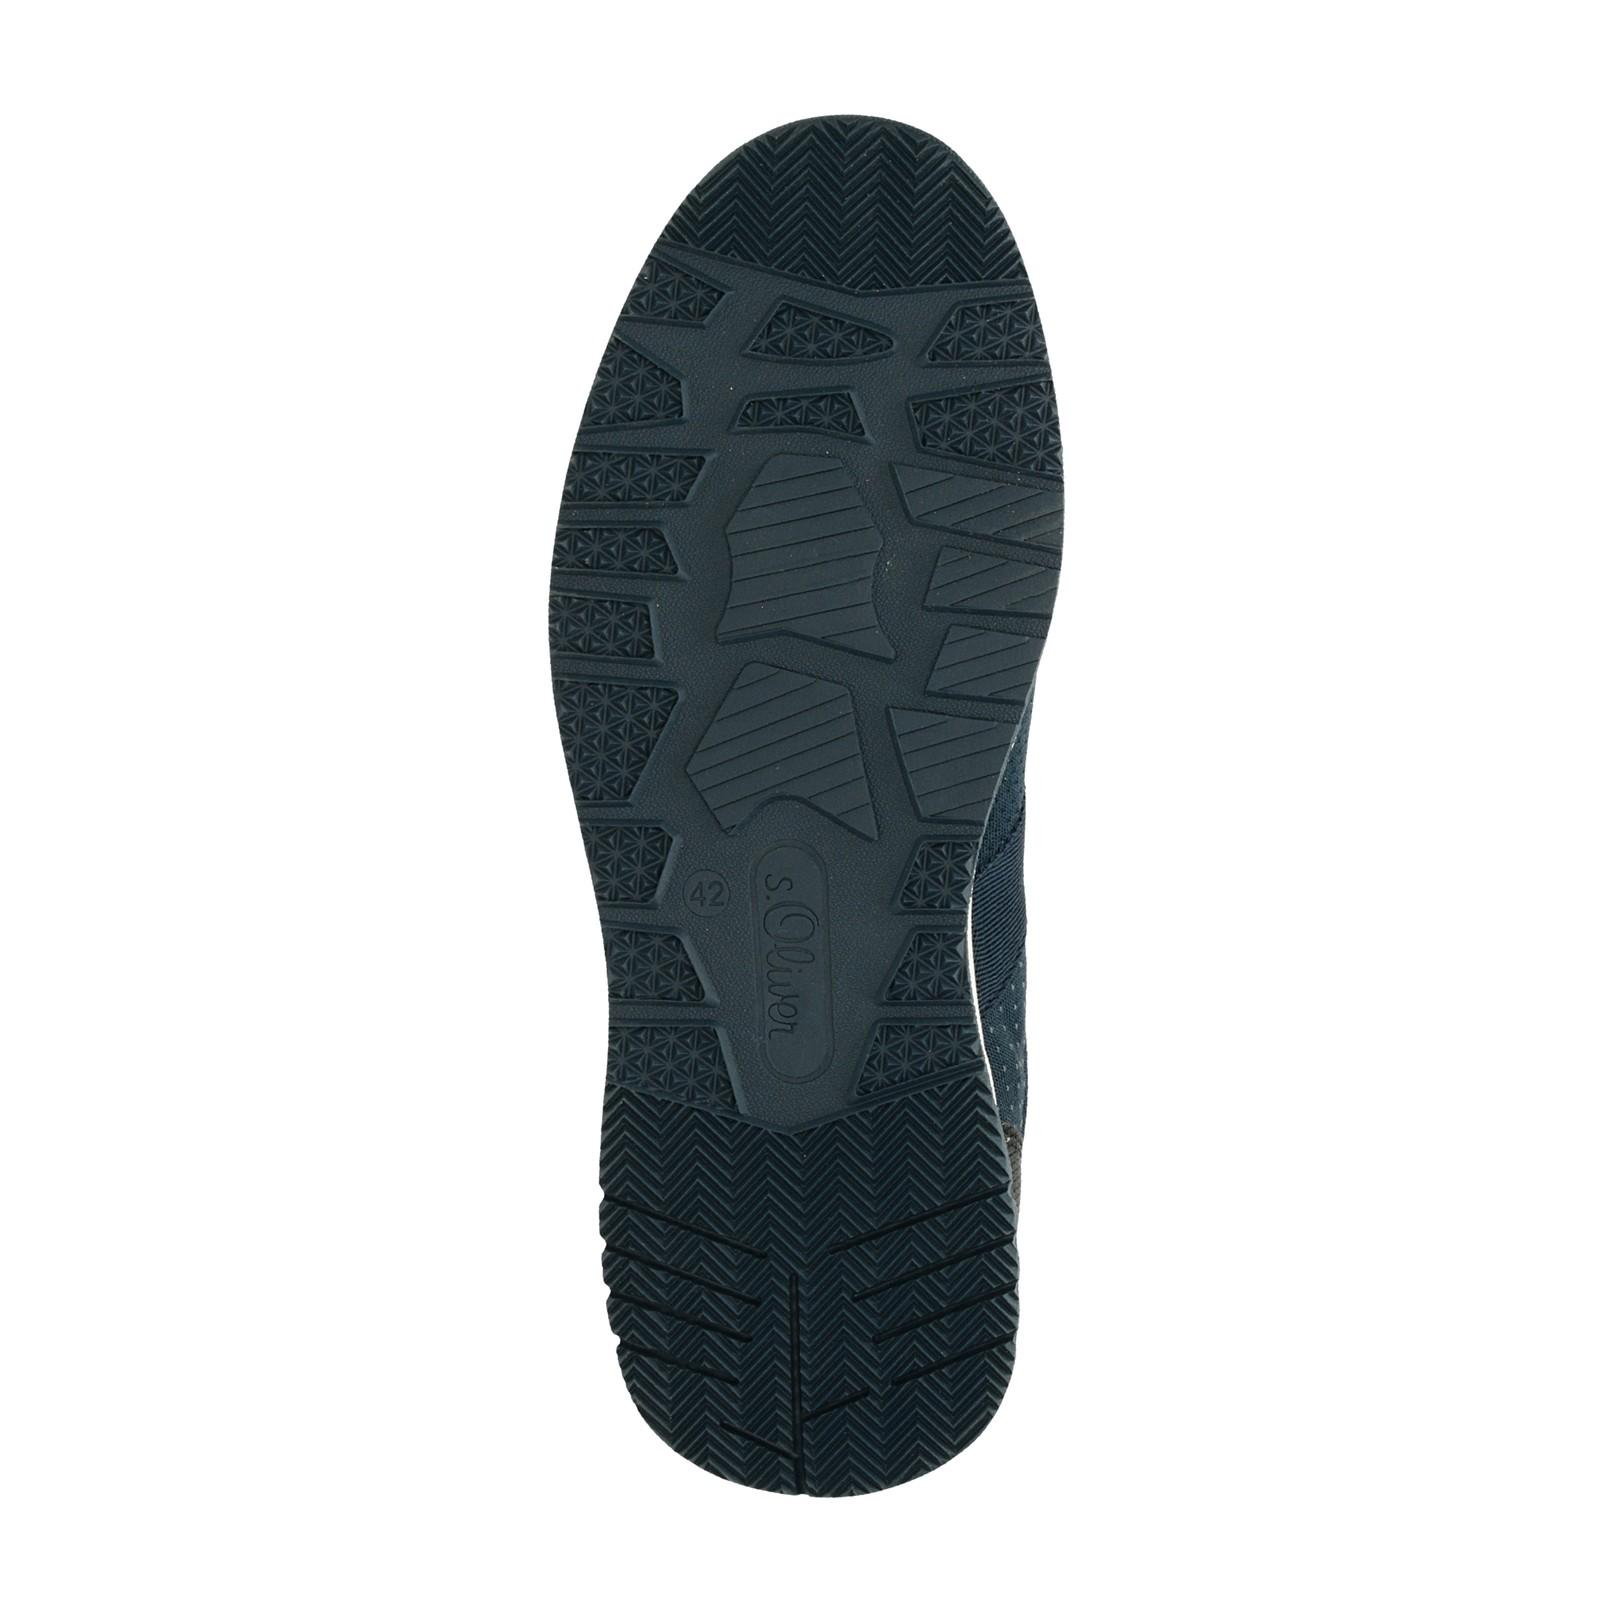 s.Oliver pánske pohodlné tenisky - tmavomodré